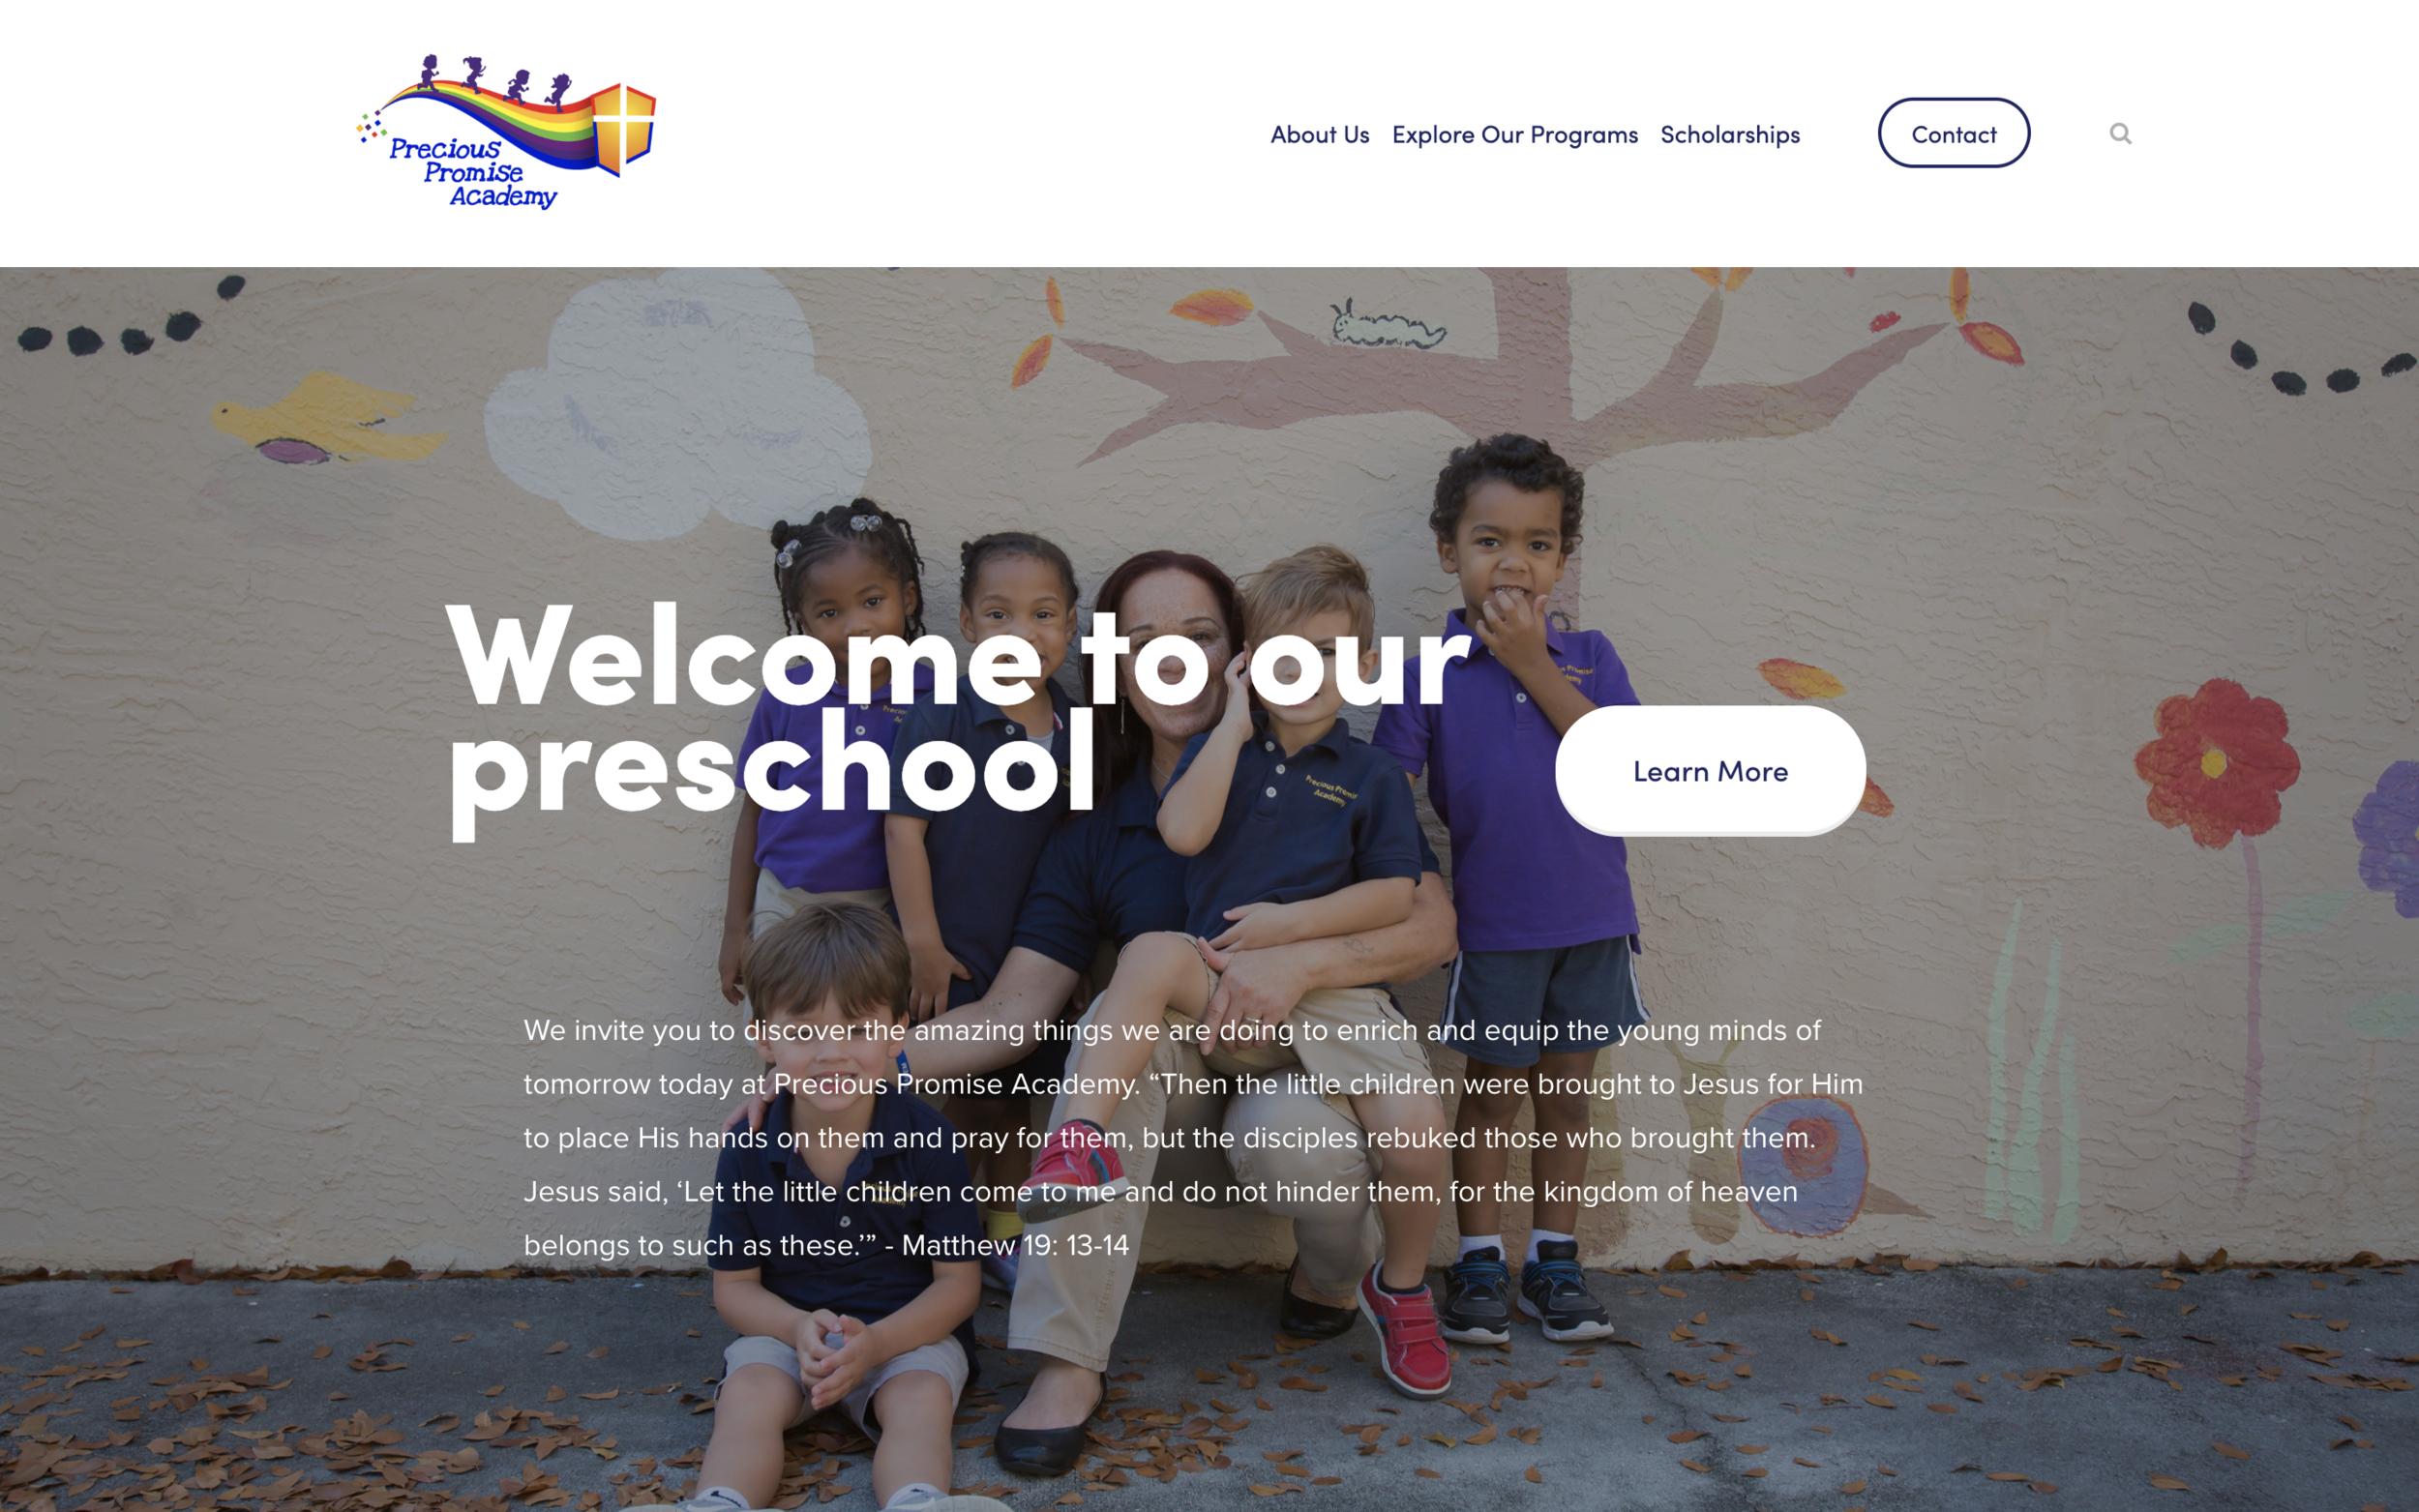 Precious Promise Academy